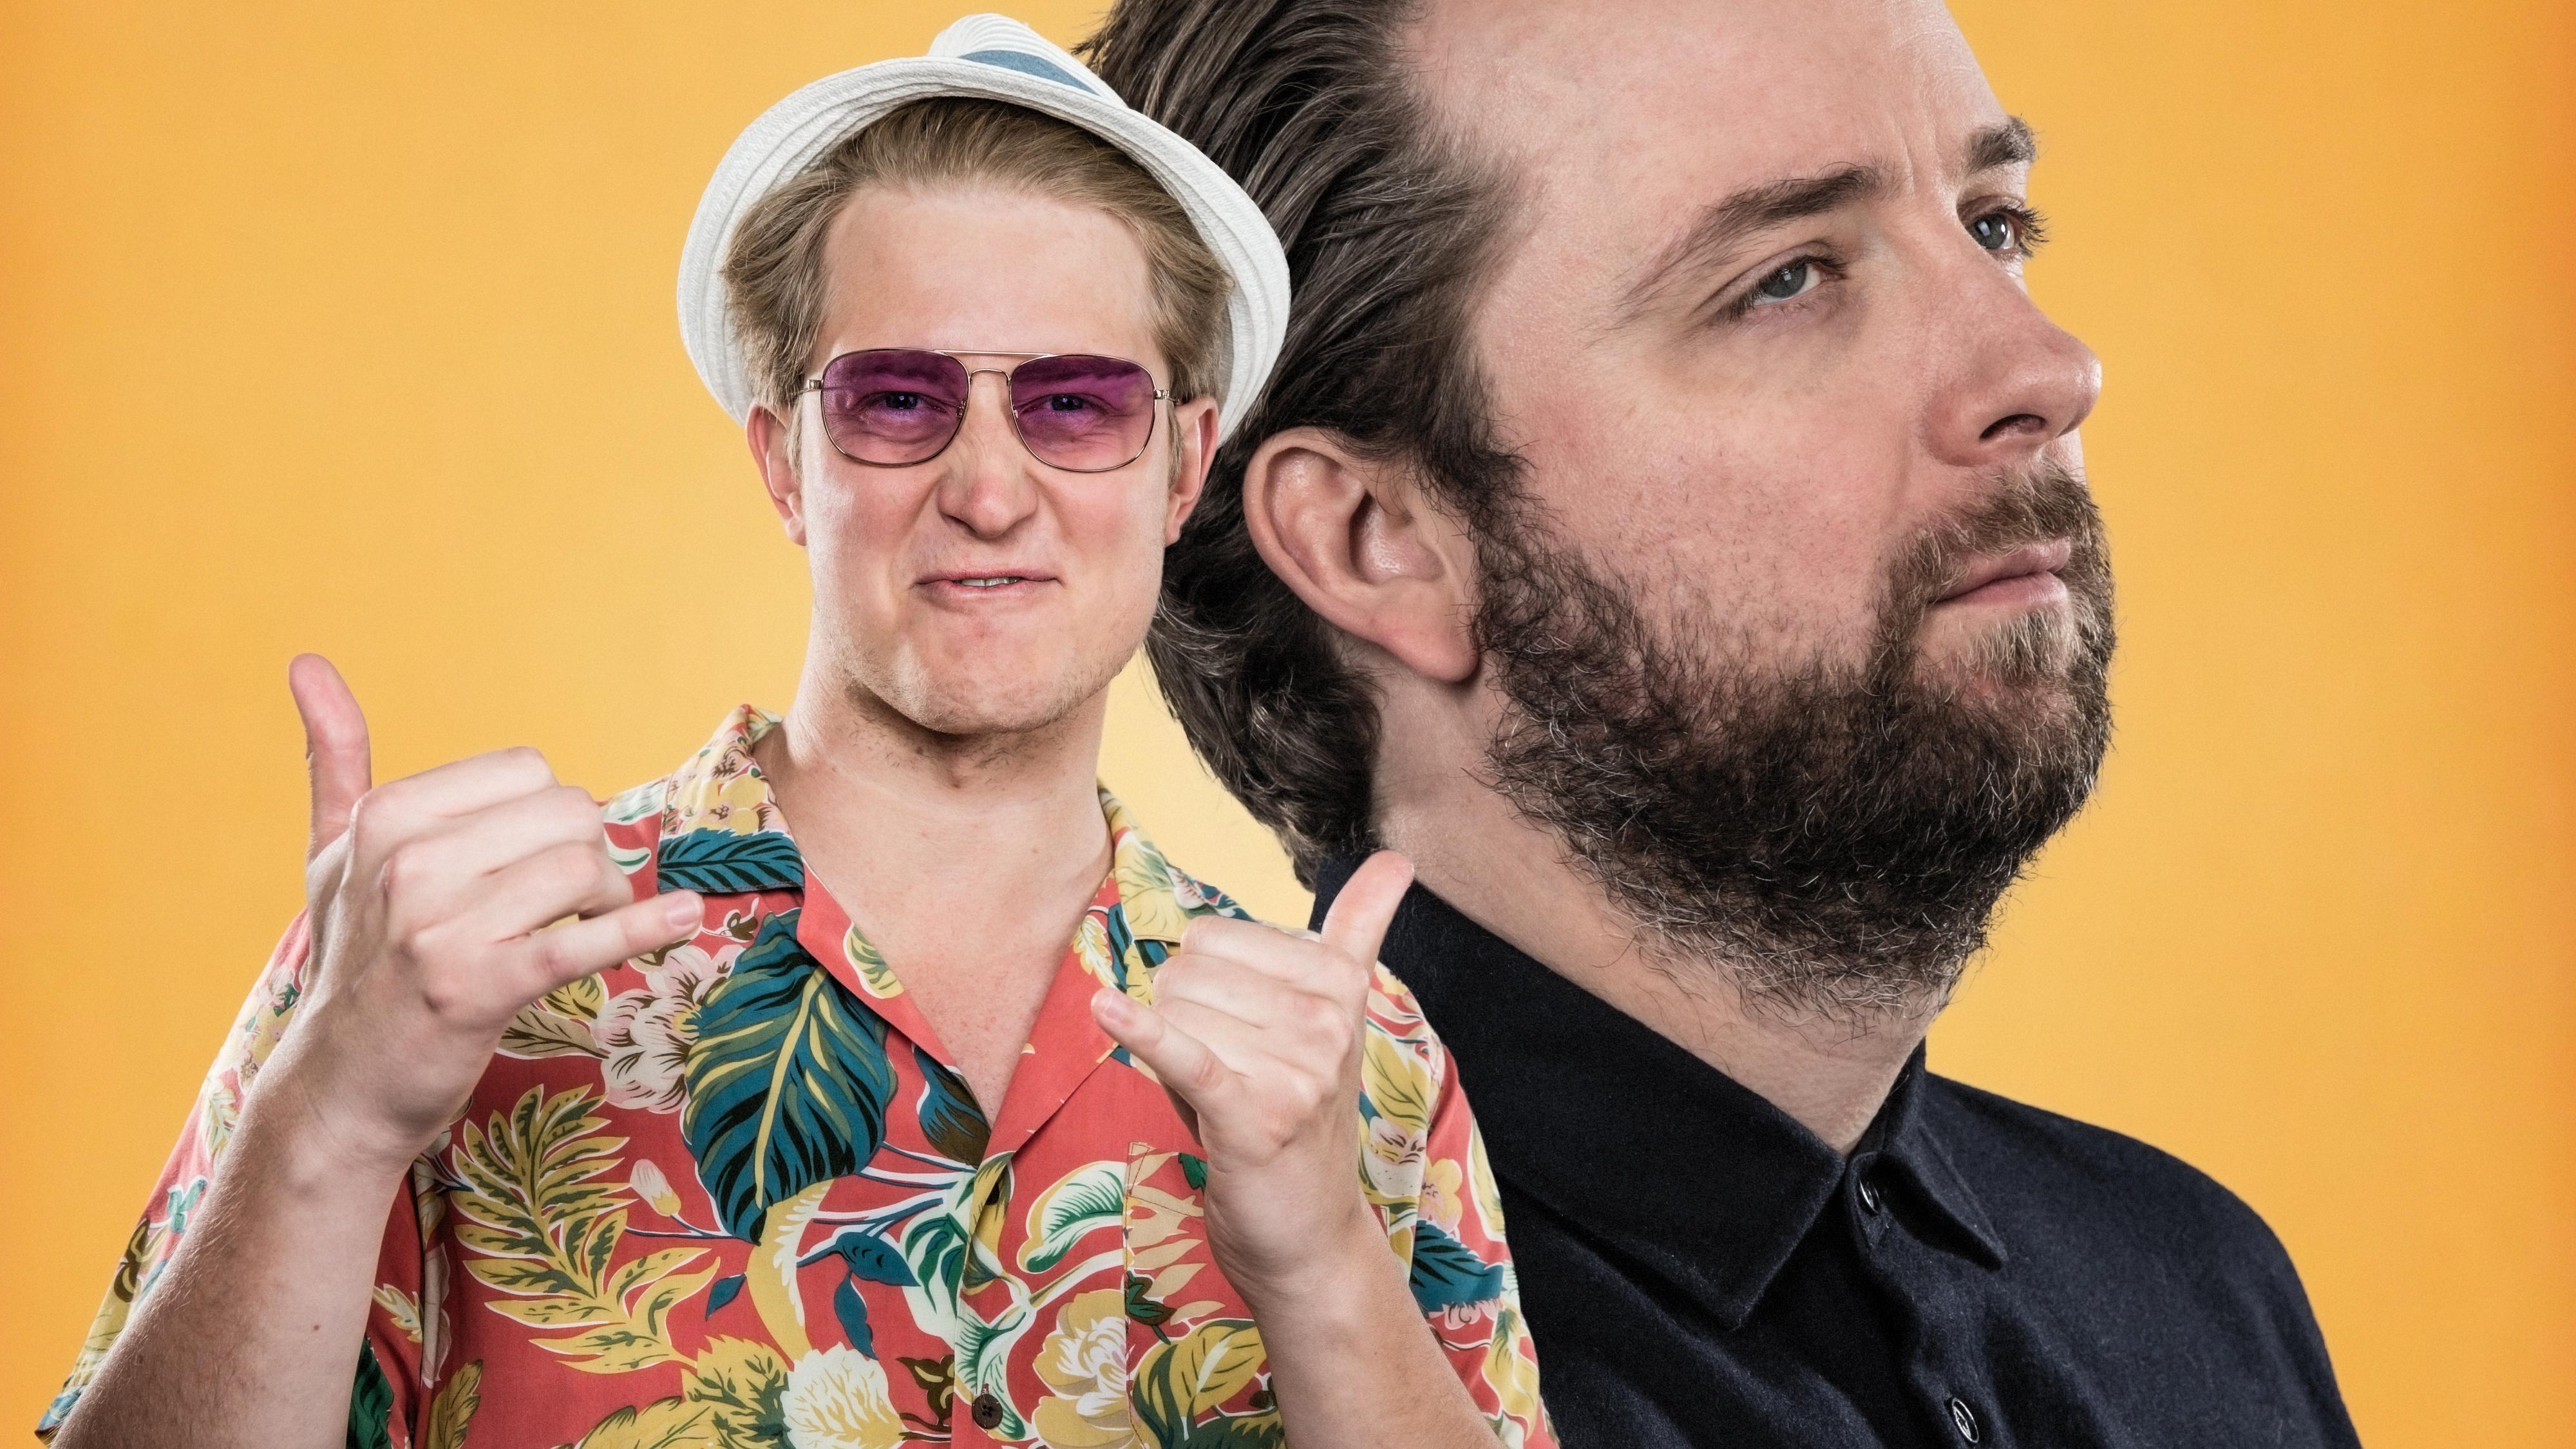 Martin & Mikkelsen